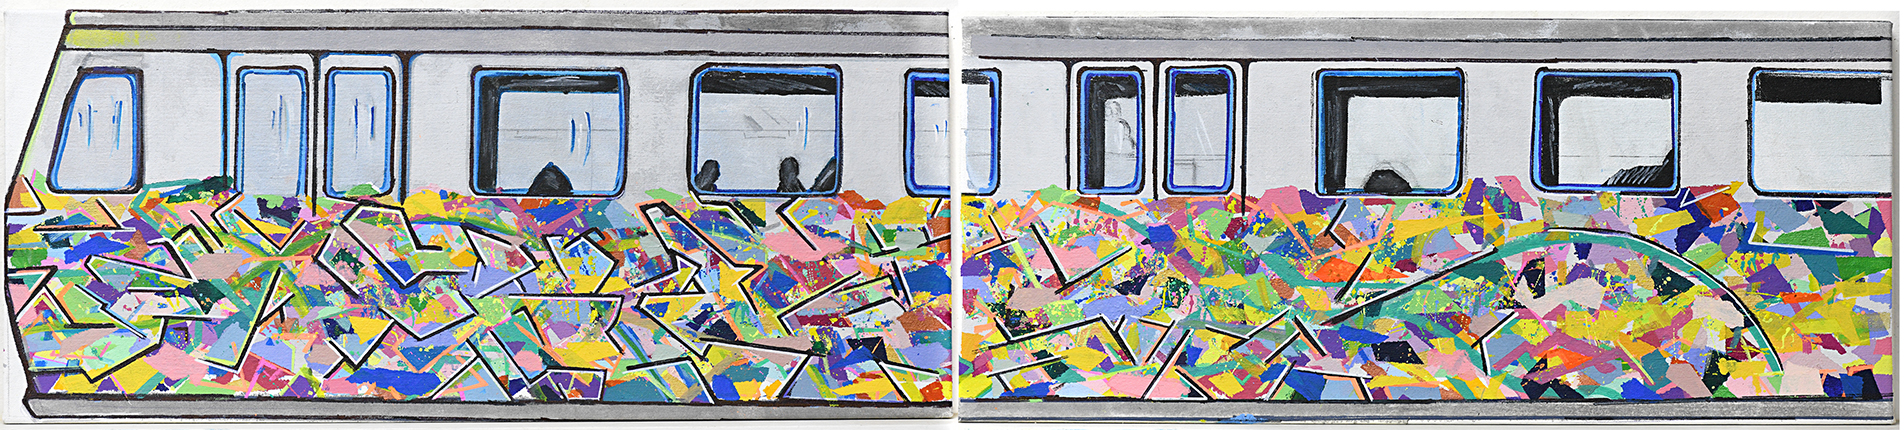 James MacSporran, Train Art, 2019, acrylic and paint pen on canvas, 35 x 164 cm, JAMACV19-0005